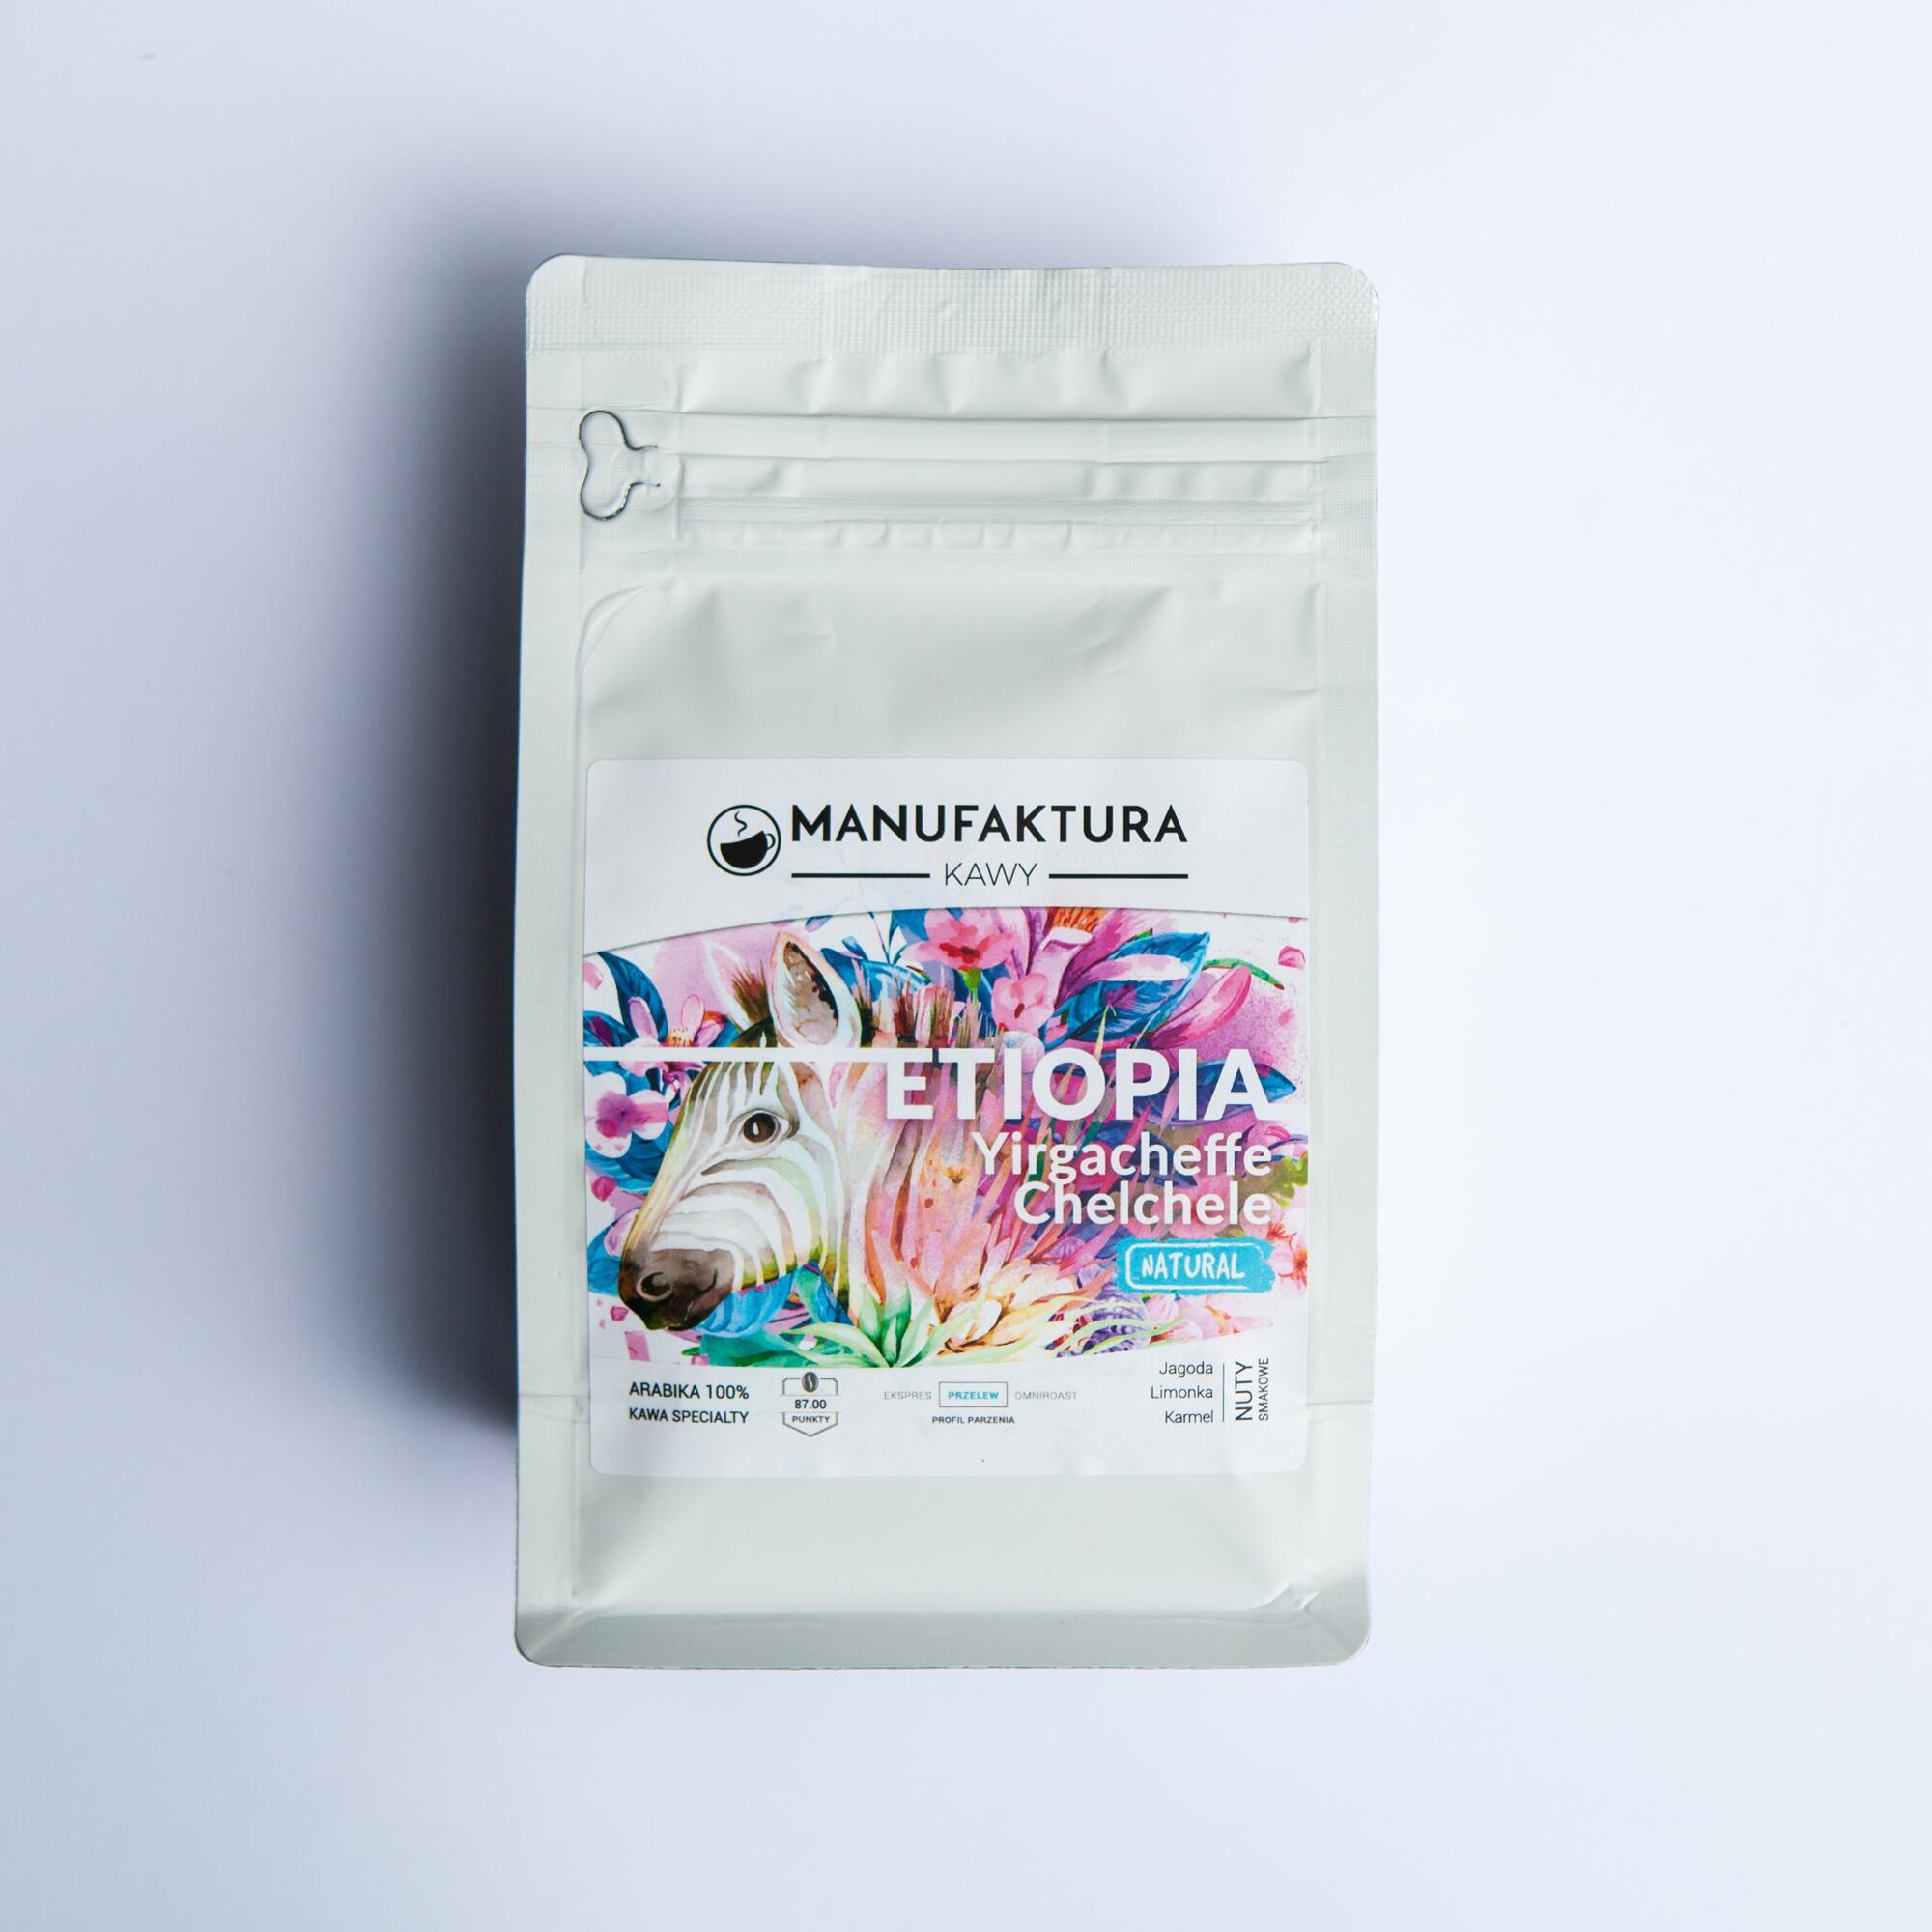 Manufaktura Kawy Etiopia Yirgacheffe Chelchele 250g - Coffee Gang | JestemSlow.pl